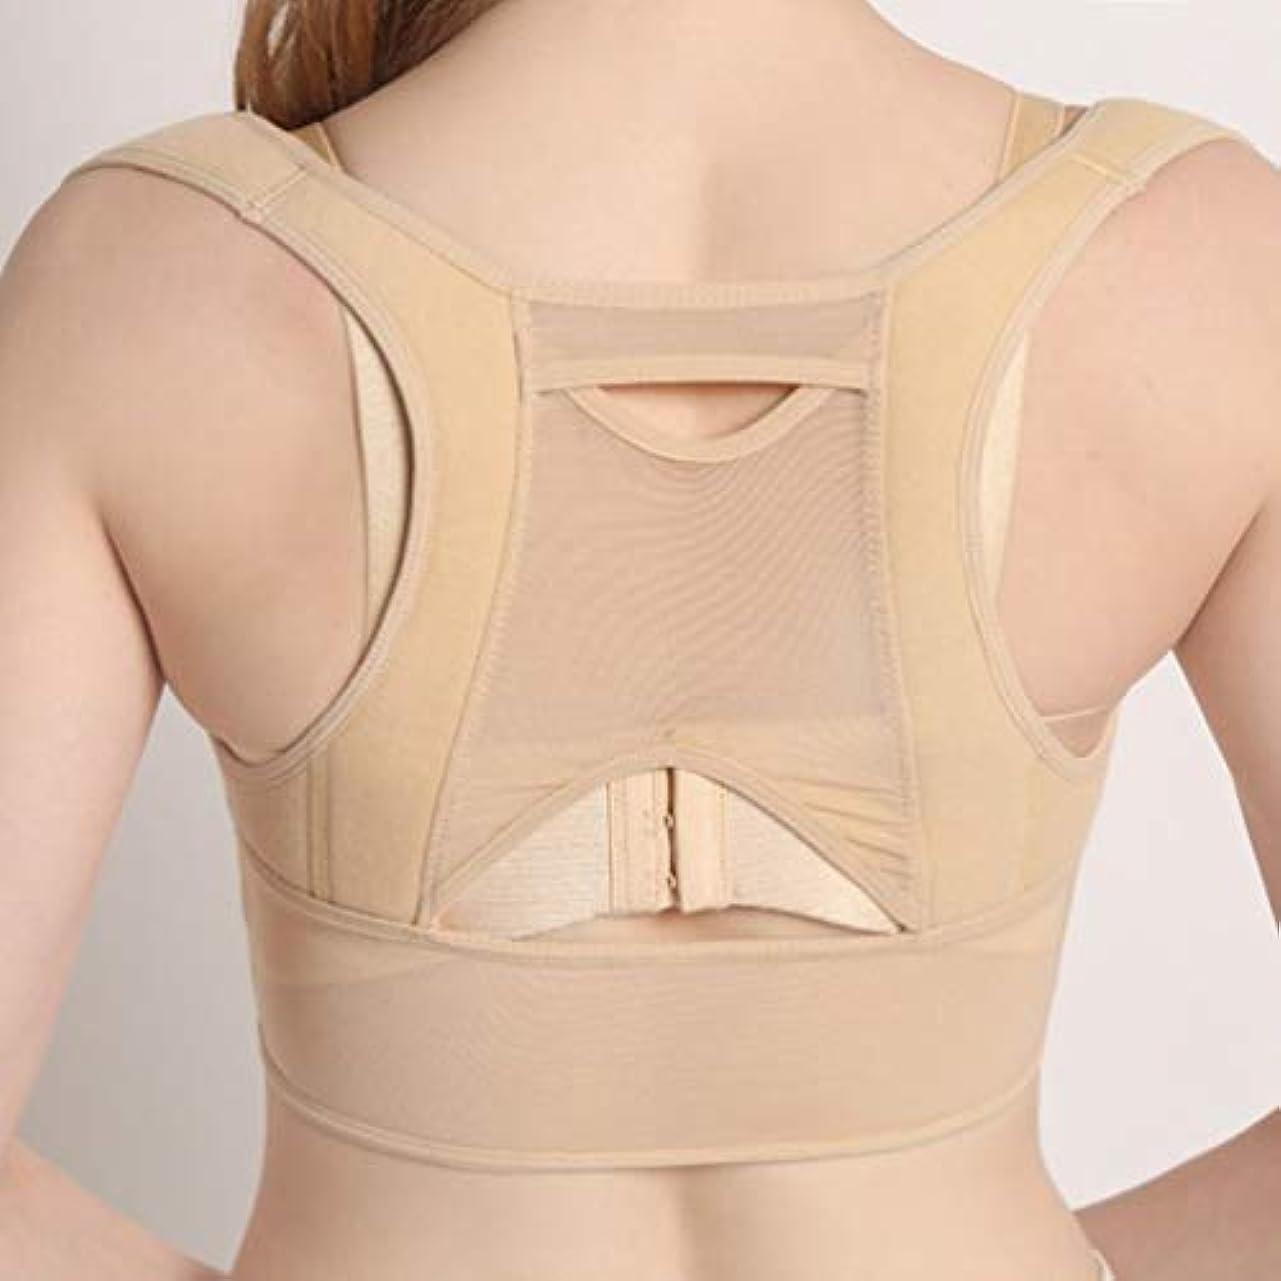 該当する架空の含意通気性のある女性の背中の姿勢矯正コルセット整形外科の肩の背骨の姿勢矯正腰椎サポート - ベージュホワイトM